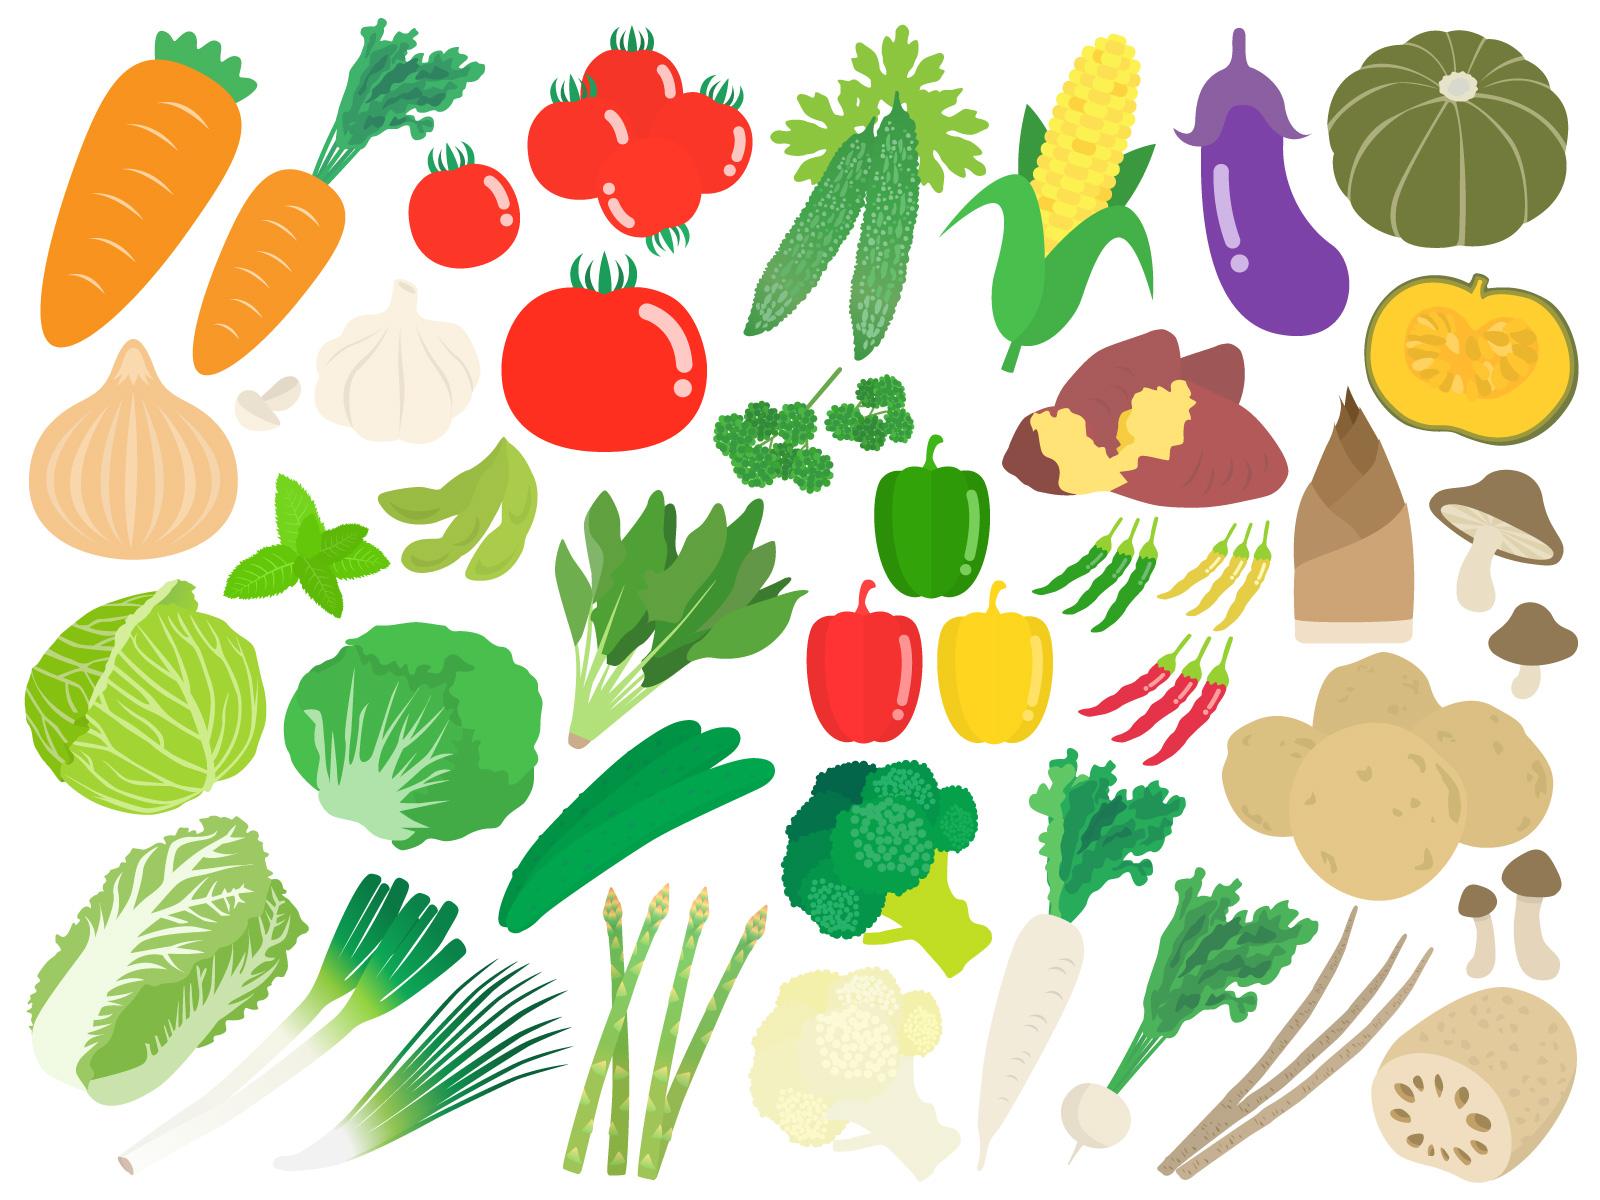 激しい運動がきっかけで痛風発作。野菜中心の生活で2年間発作なし